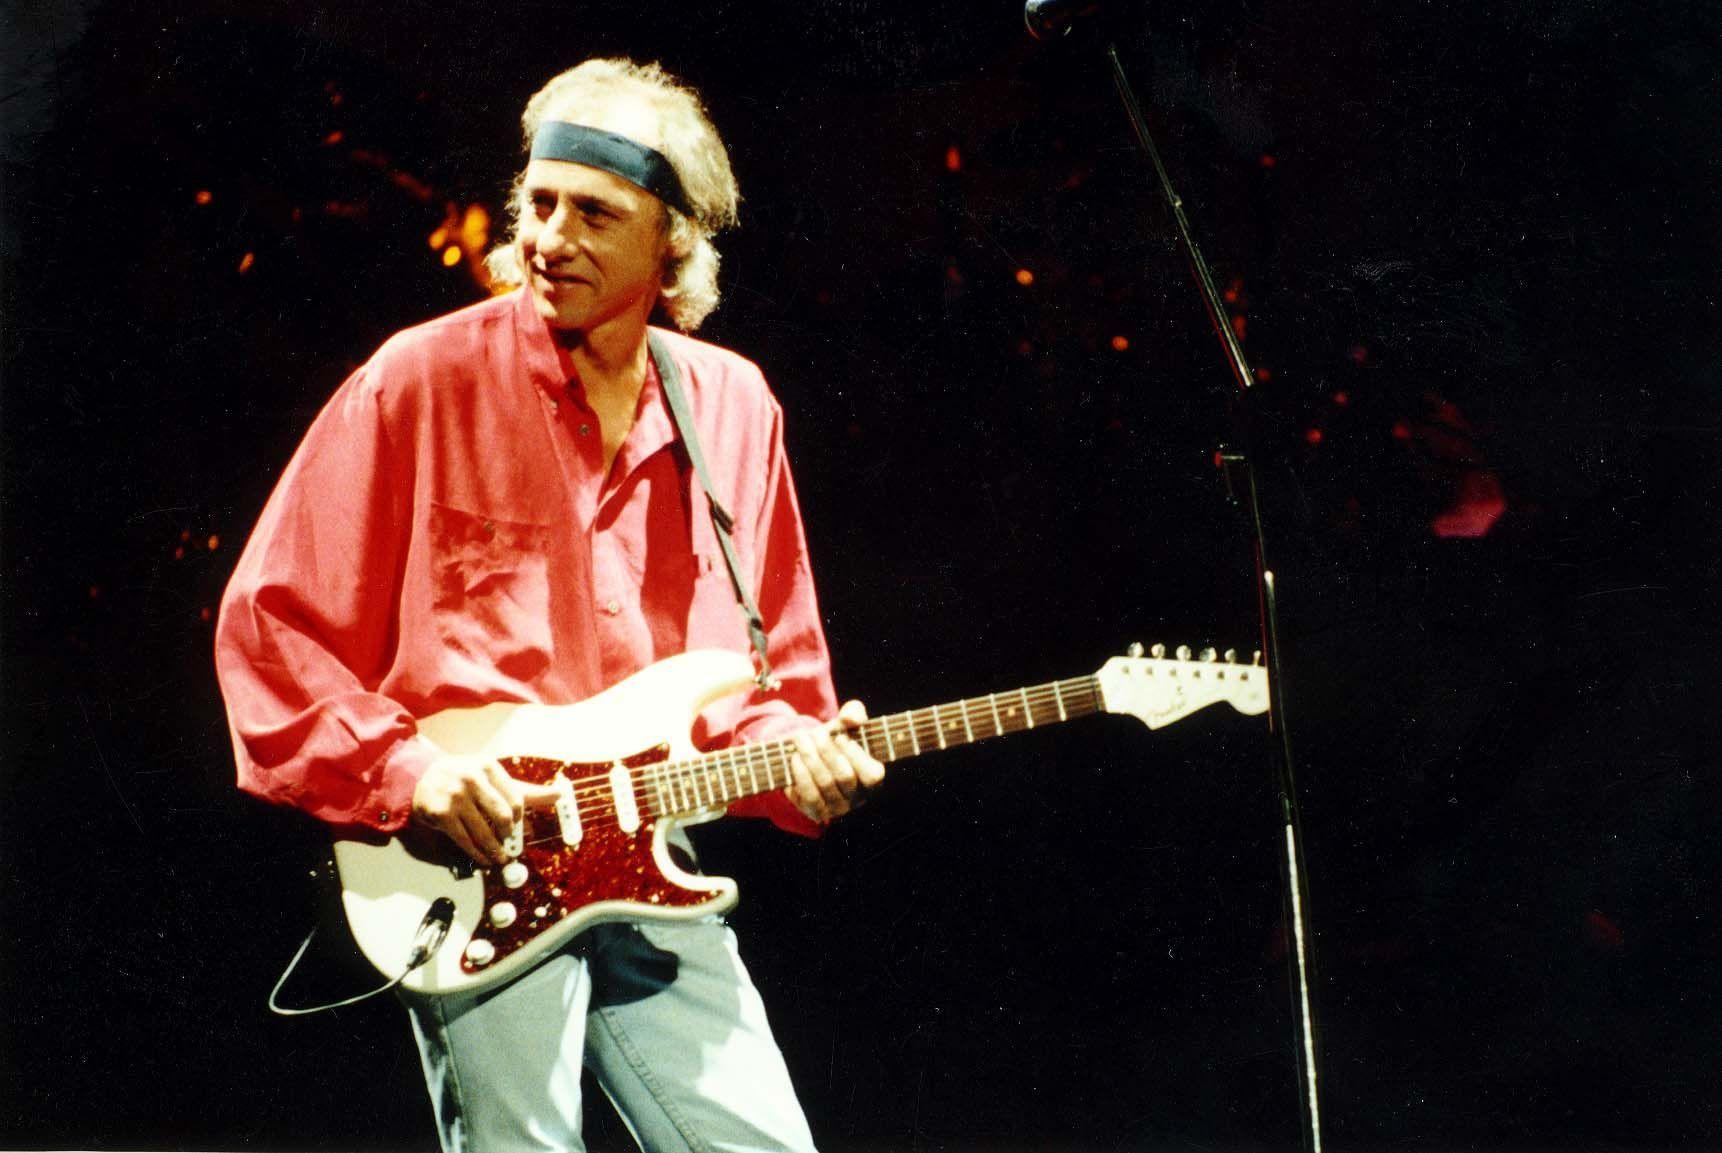 ¿Cuál de estos singles de Dire Straits obtuvo mejores posiciones en las listas?